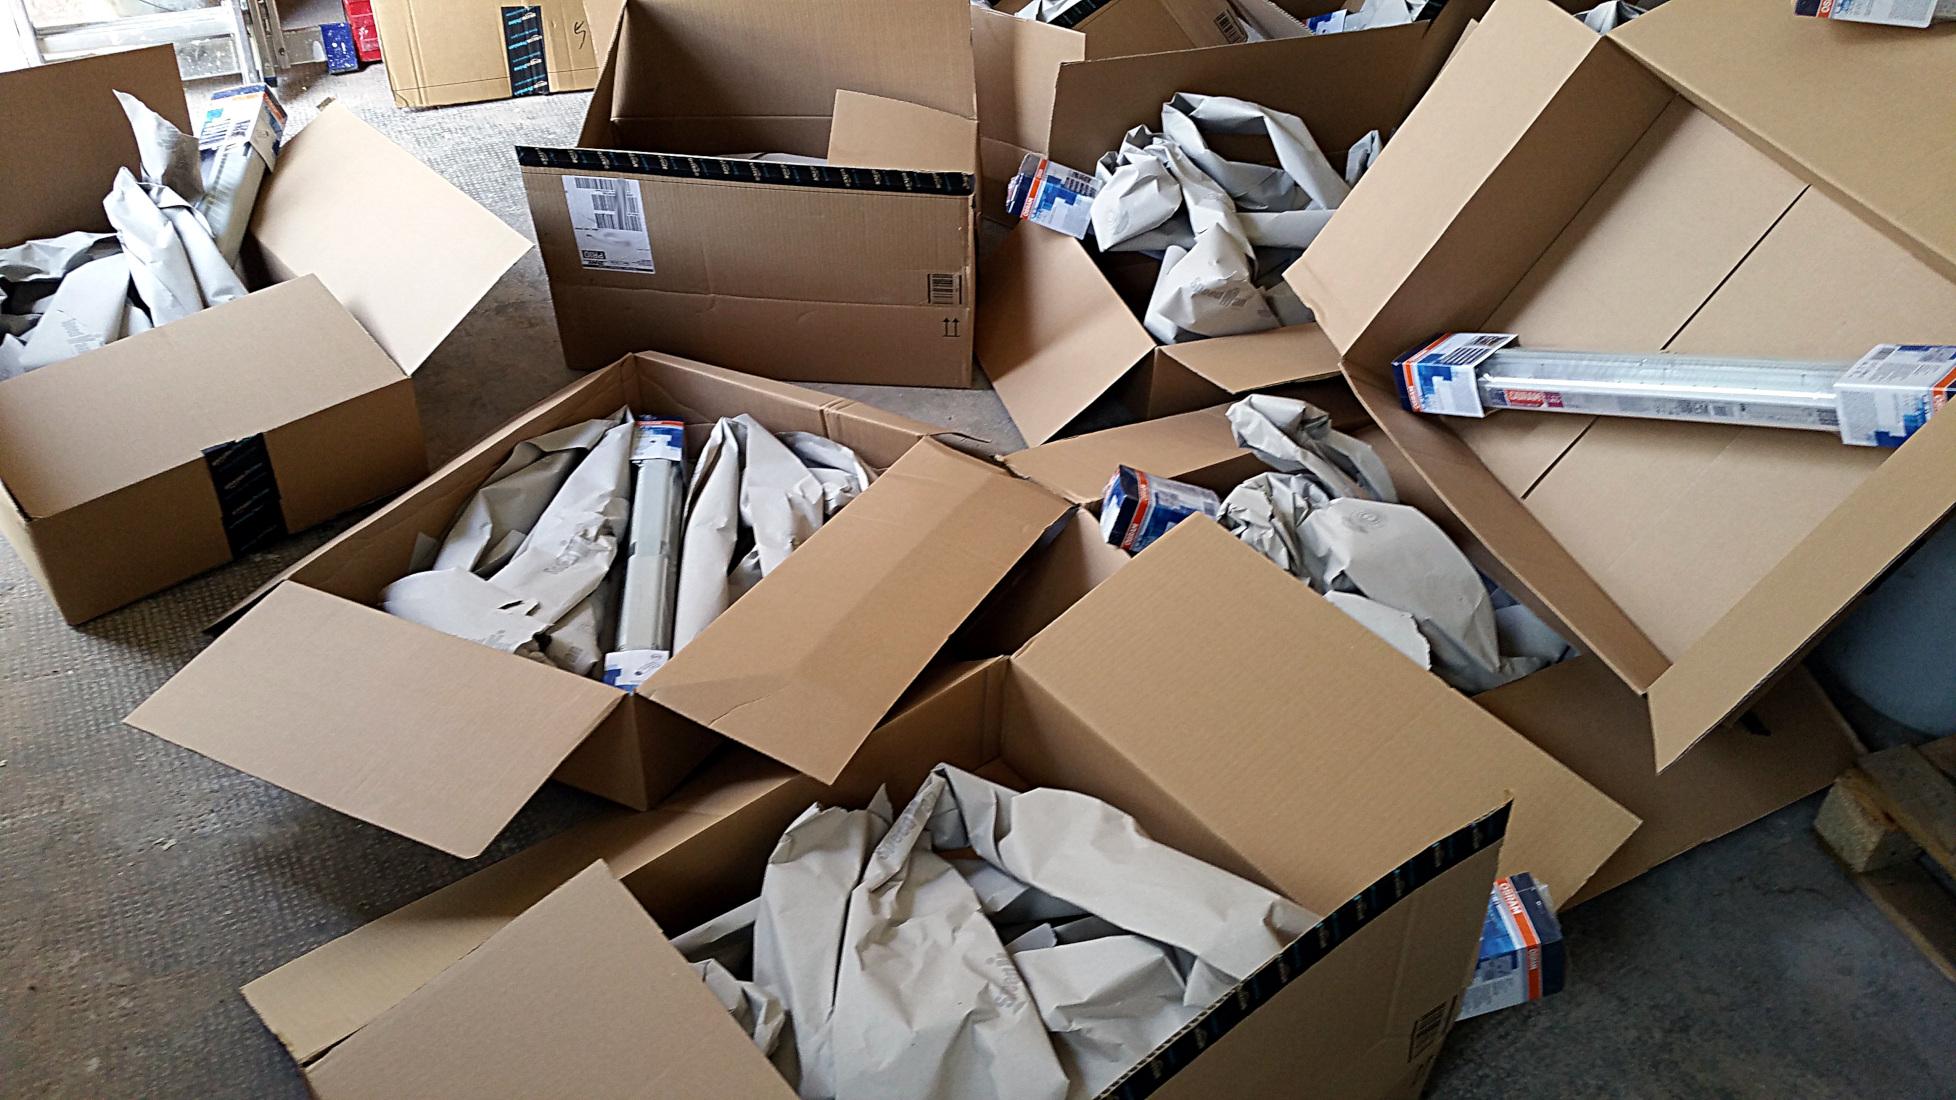 Verpackungswahnsinn, Lieferwahnsinn - 10 Artikel, 10 einzelne Lieferungen von LED-Röhren - Totalausfall